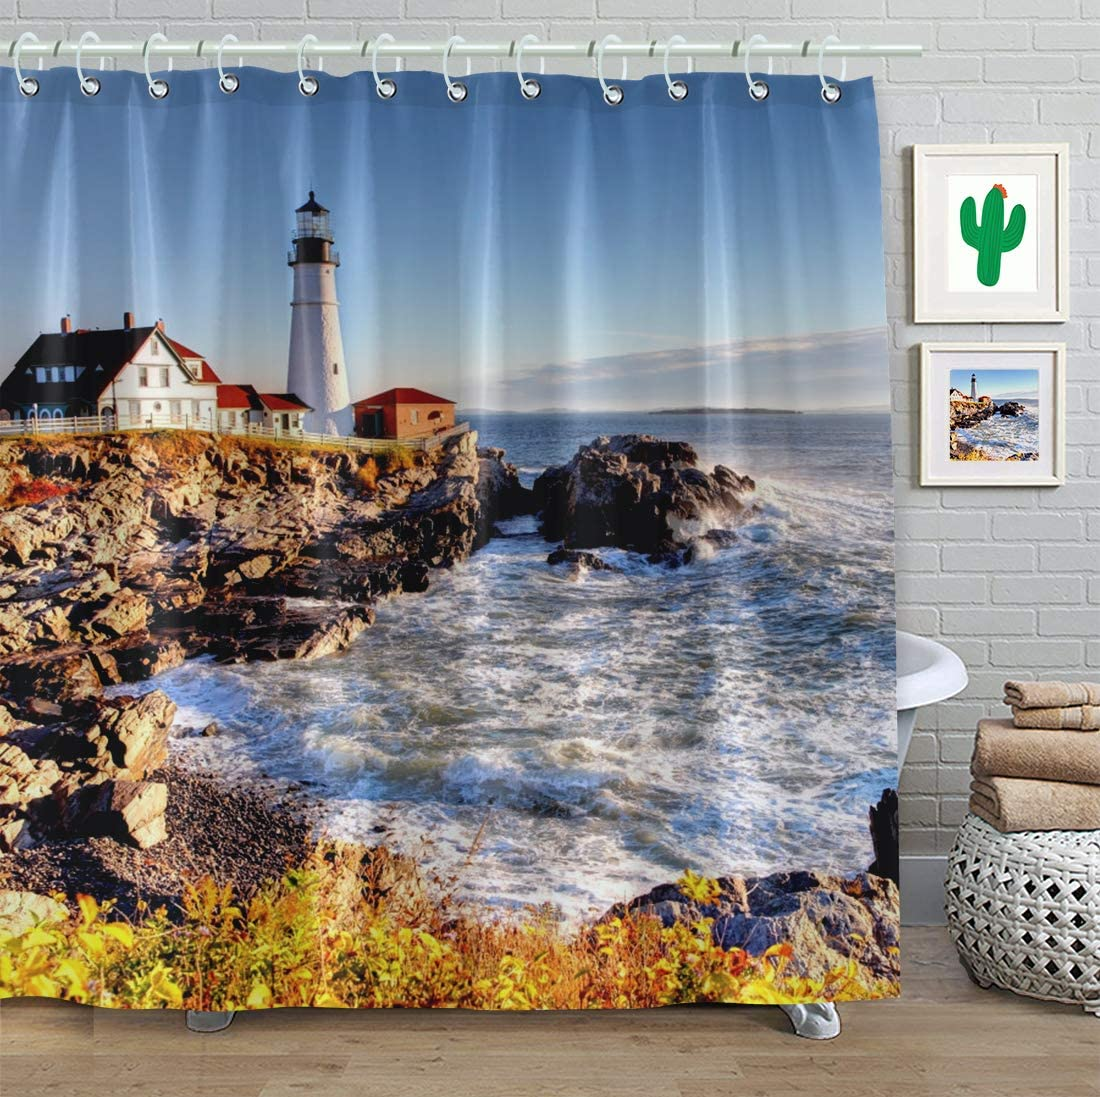 FAITOVE Portland Lighthouse Shower Curtain Sets Blue Sea Autumn 72